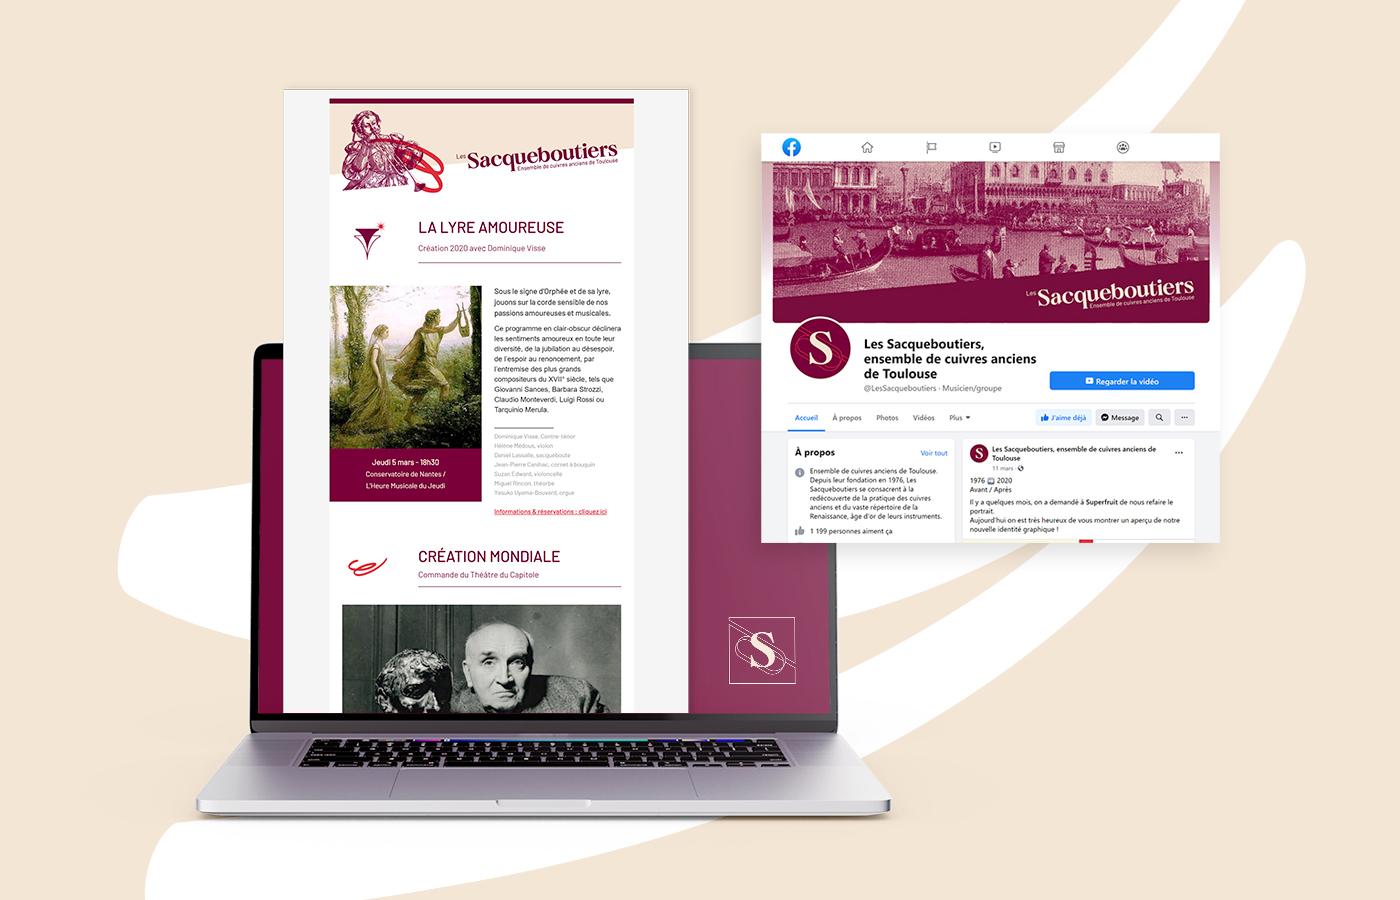 Détail de la newsletter et de la page facebook des Sacqueboutiers, habillage conçu par Superfruit